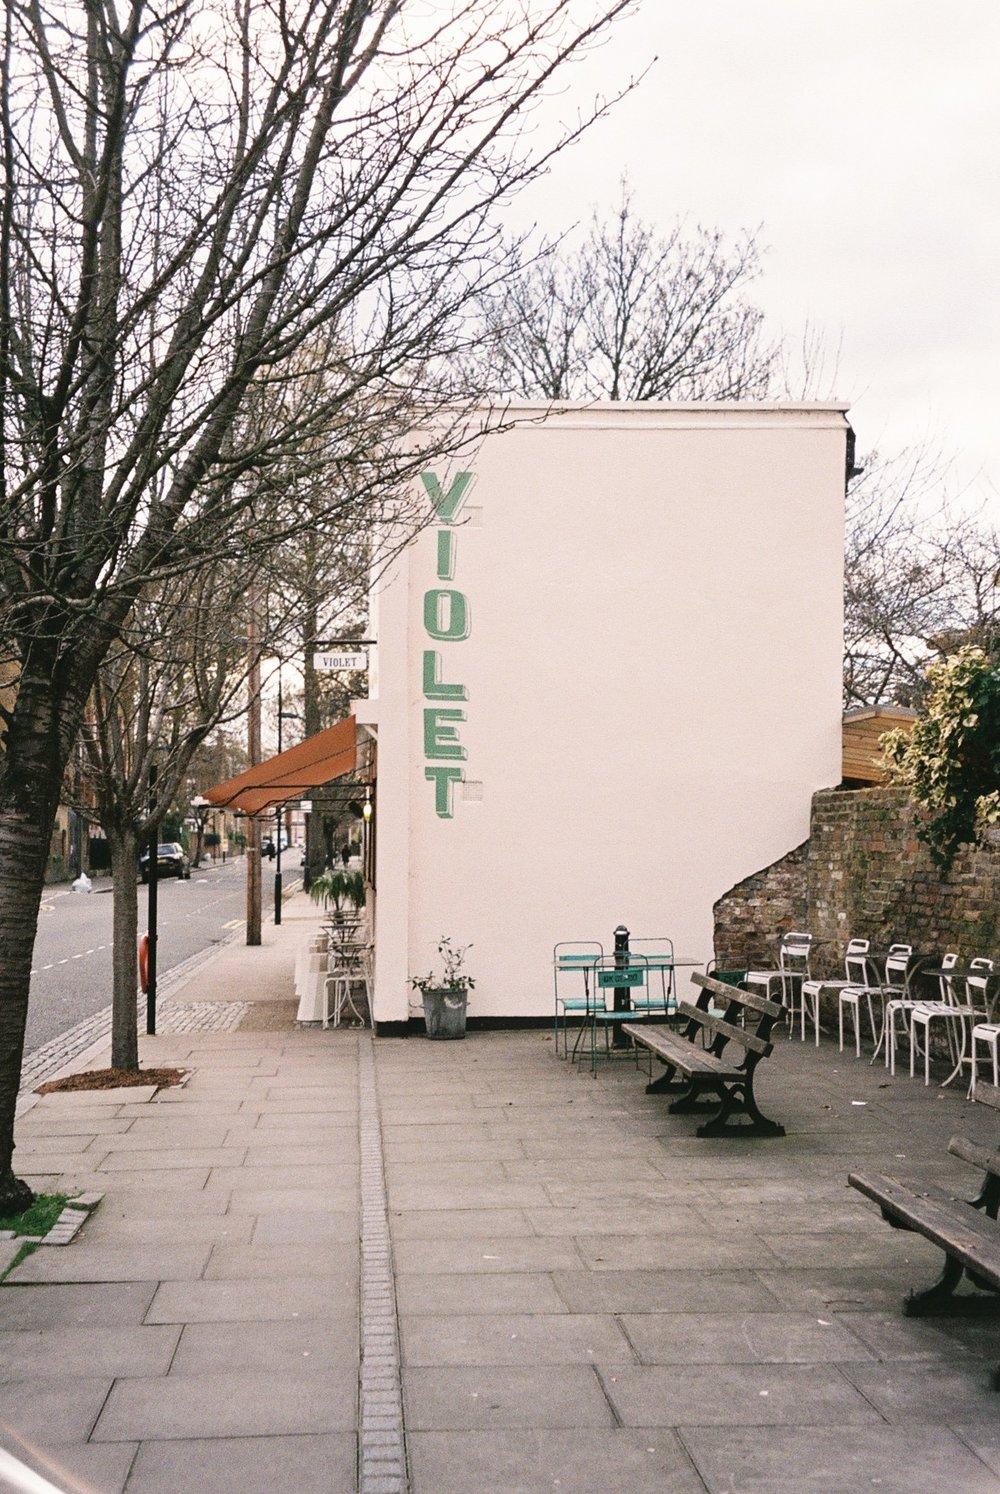 Photo taken in Hackney. Fun fact: this was the cafe where Meghan and Harry's wedding cake was made . / Foto tirada em Hackney. Fun fact: este foi o café onde foi feito o bolo de casamento do príncipe Harry e da Meghan.